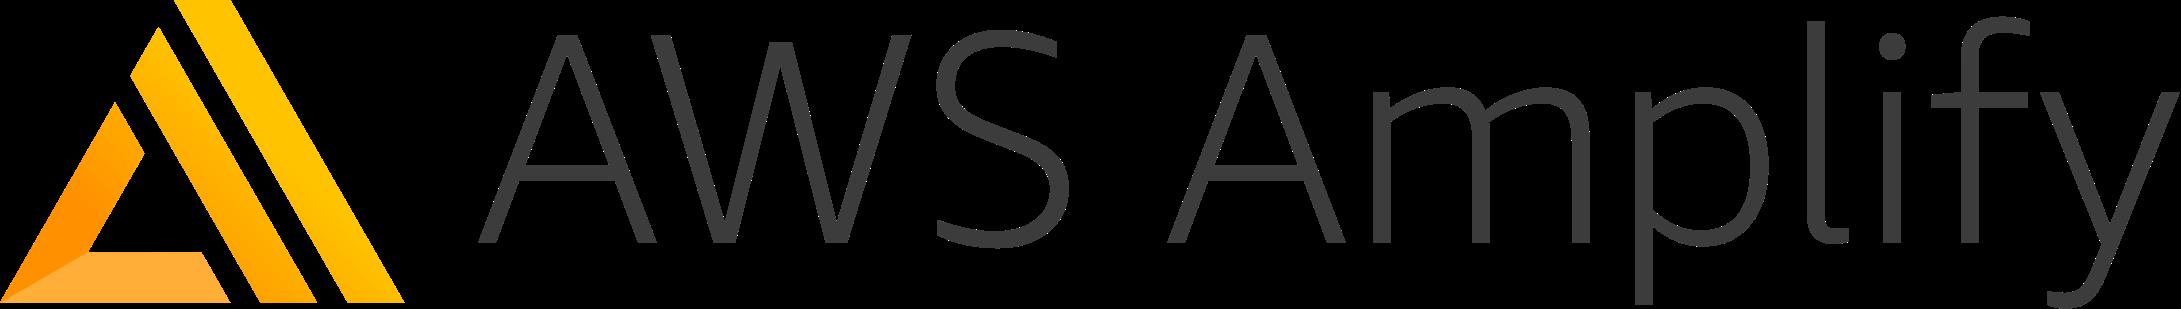 GitHub - aws-amplify/amplify-js: A declarative JavaScript